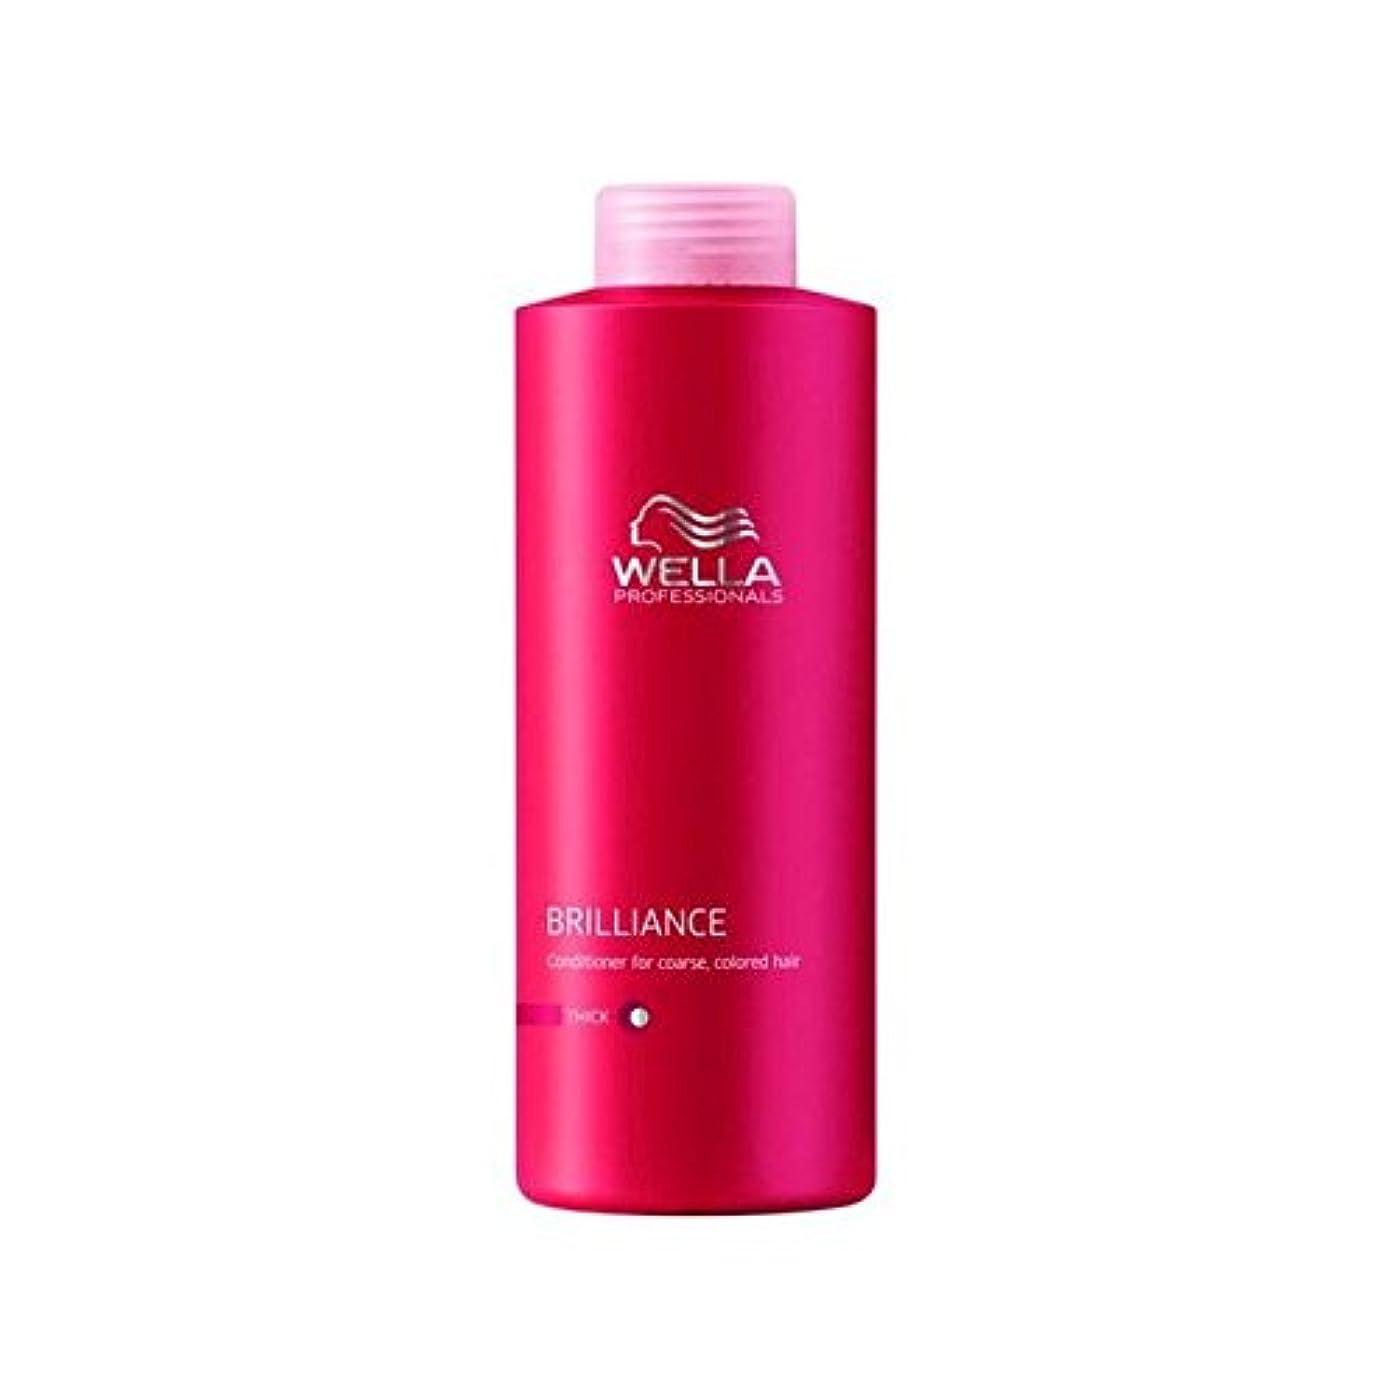 ウェラの専門家は粗いコンディショナー(千ミリリットル)を豊かに x4 - Wella Professionals Enrich Coarse Conditioner (1000ml) (Pack of 4) [並行輸入品]